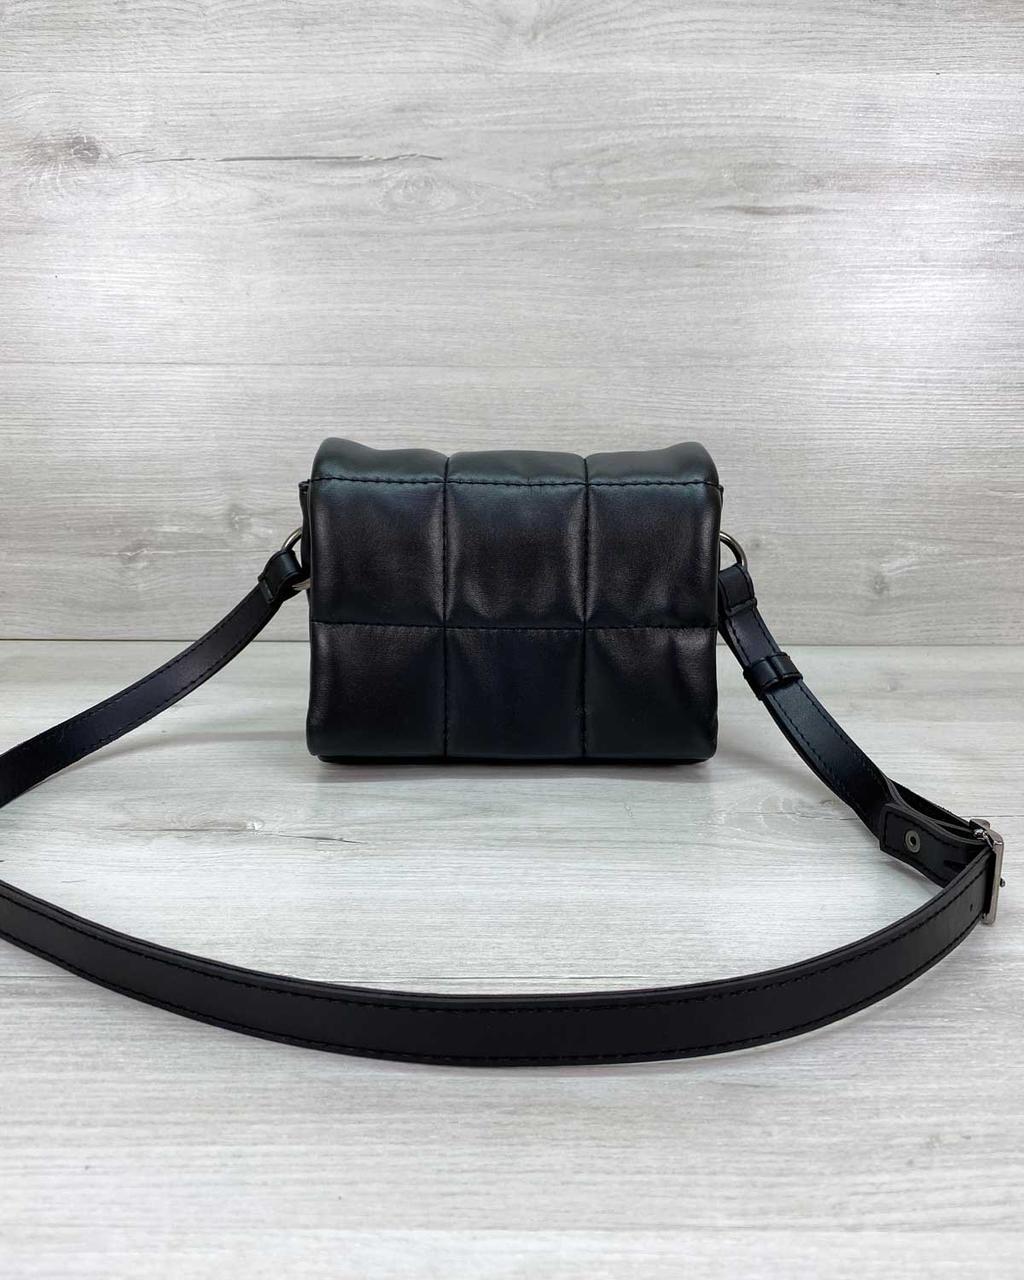 Стильная женская сумка клатч, стильный клатч, женская сумочка «Дина» черная